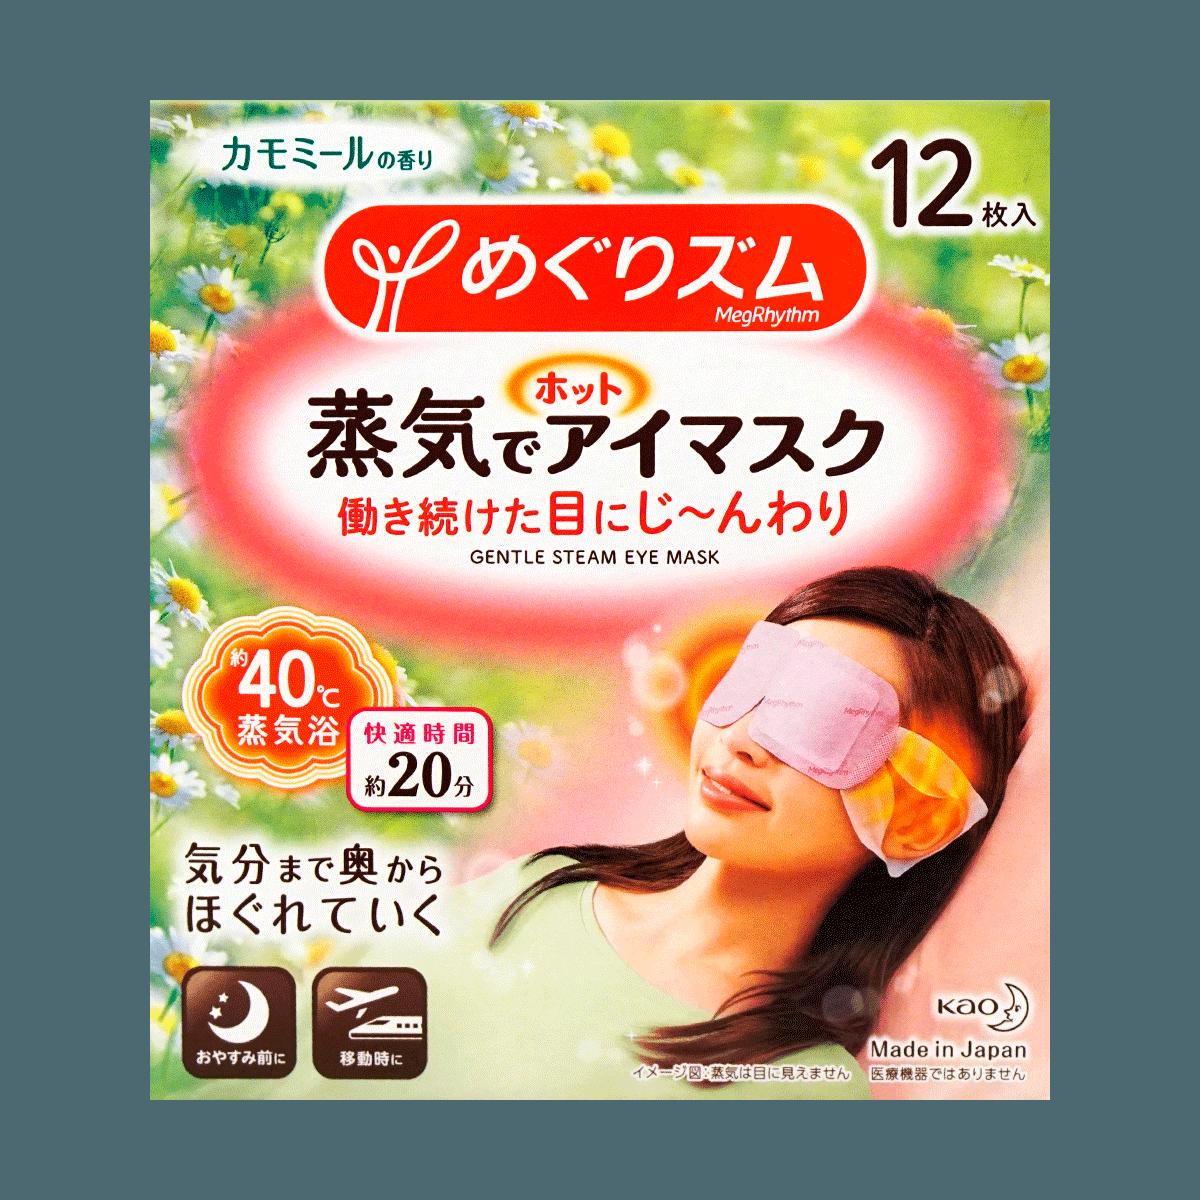 日本KAO花王 新版蒸汽眼罩 缓解疲劳去黑眼圈 #洋甘菊型 12枚入 包装随机发送 怎么样 - 亚米网